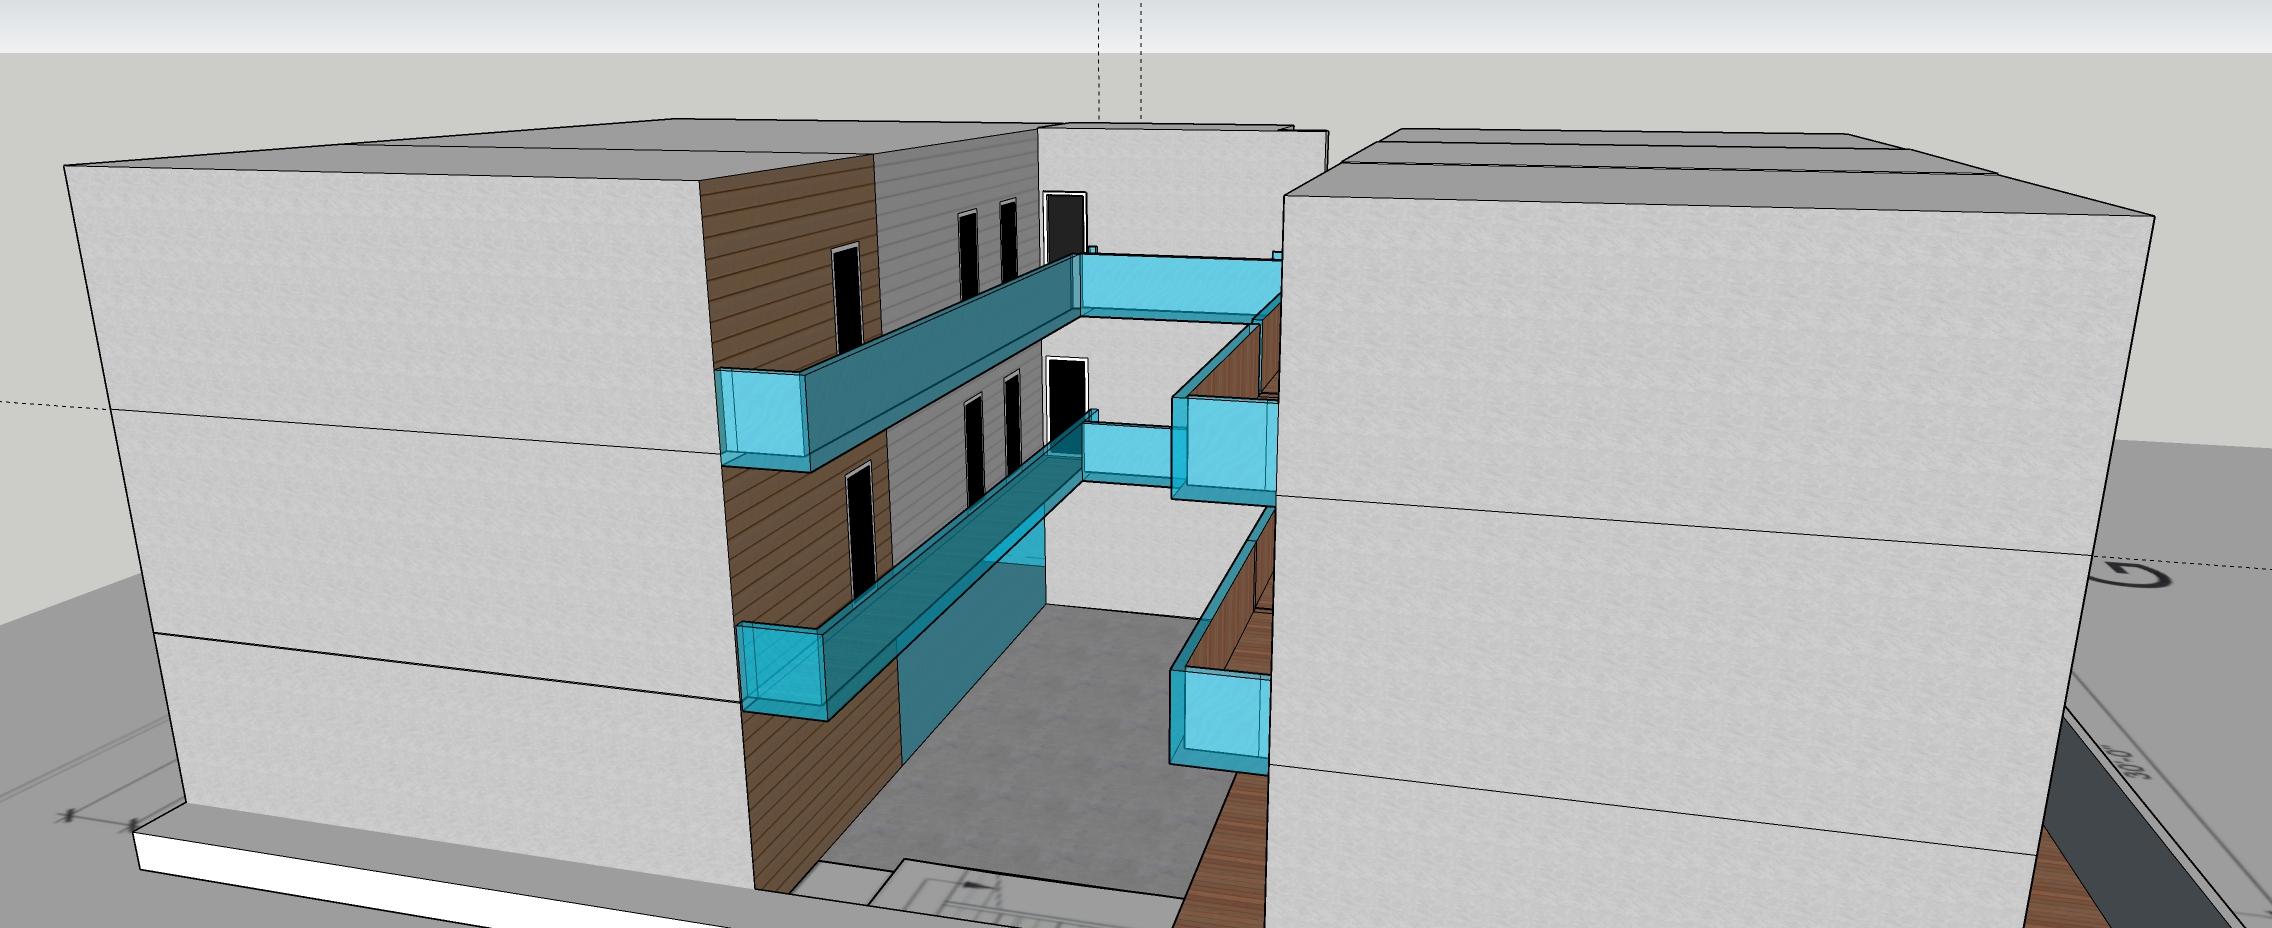 18th street rendering WV.JPG